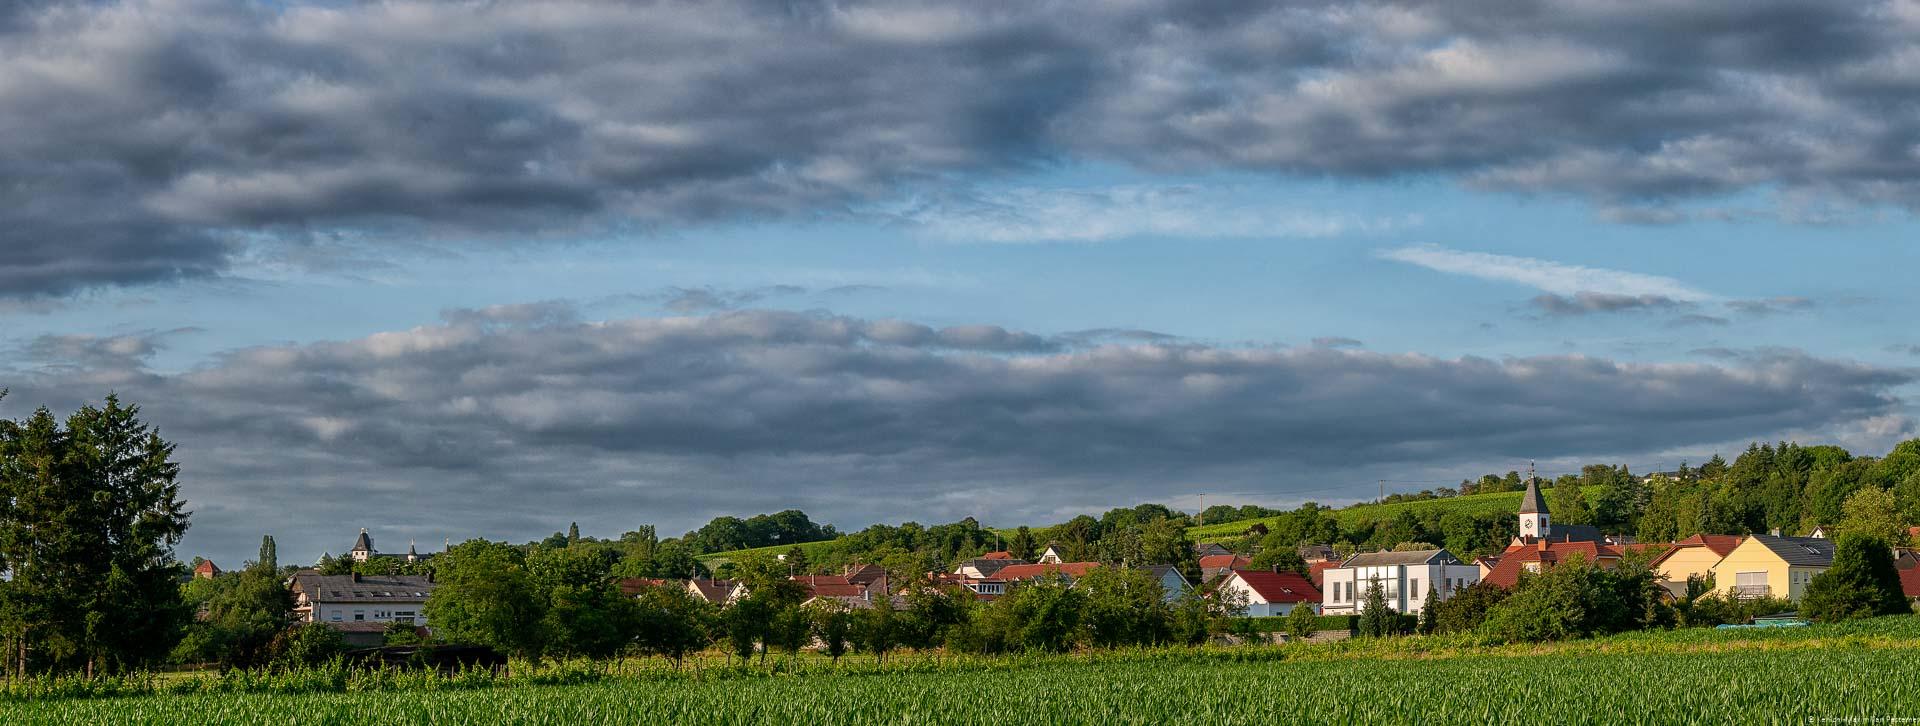 Der Nenniger Römerberg stellt einen der Ursprünge der Weine des Saarlands dar